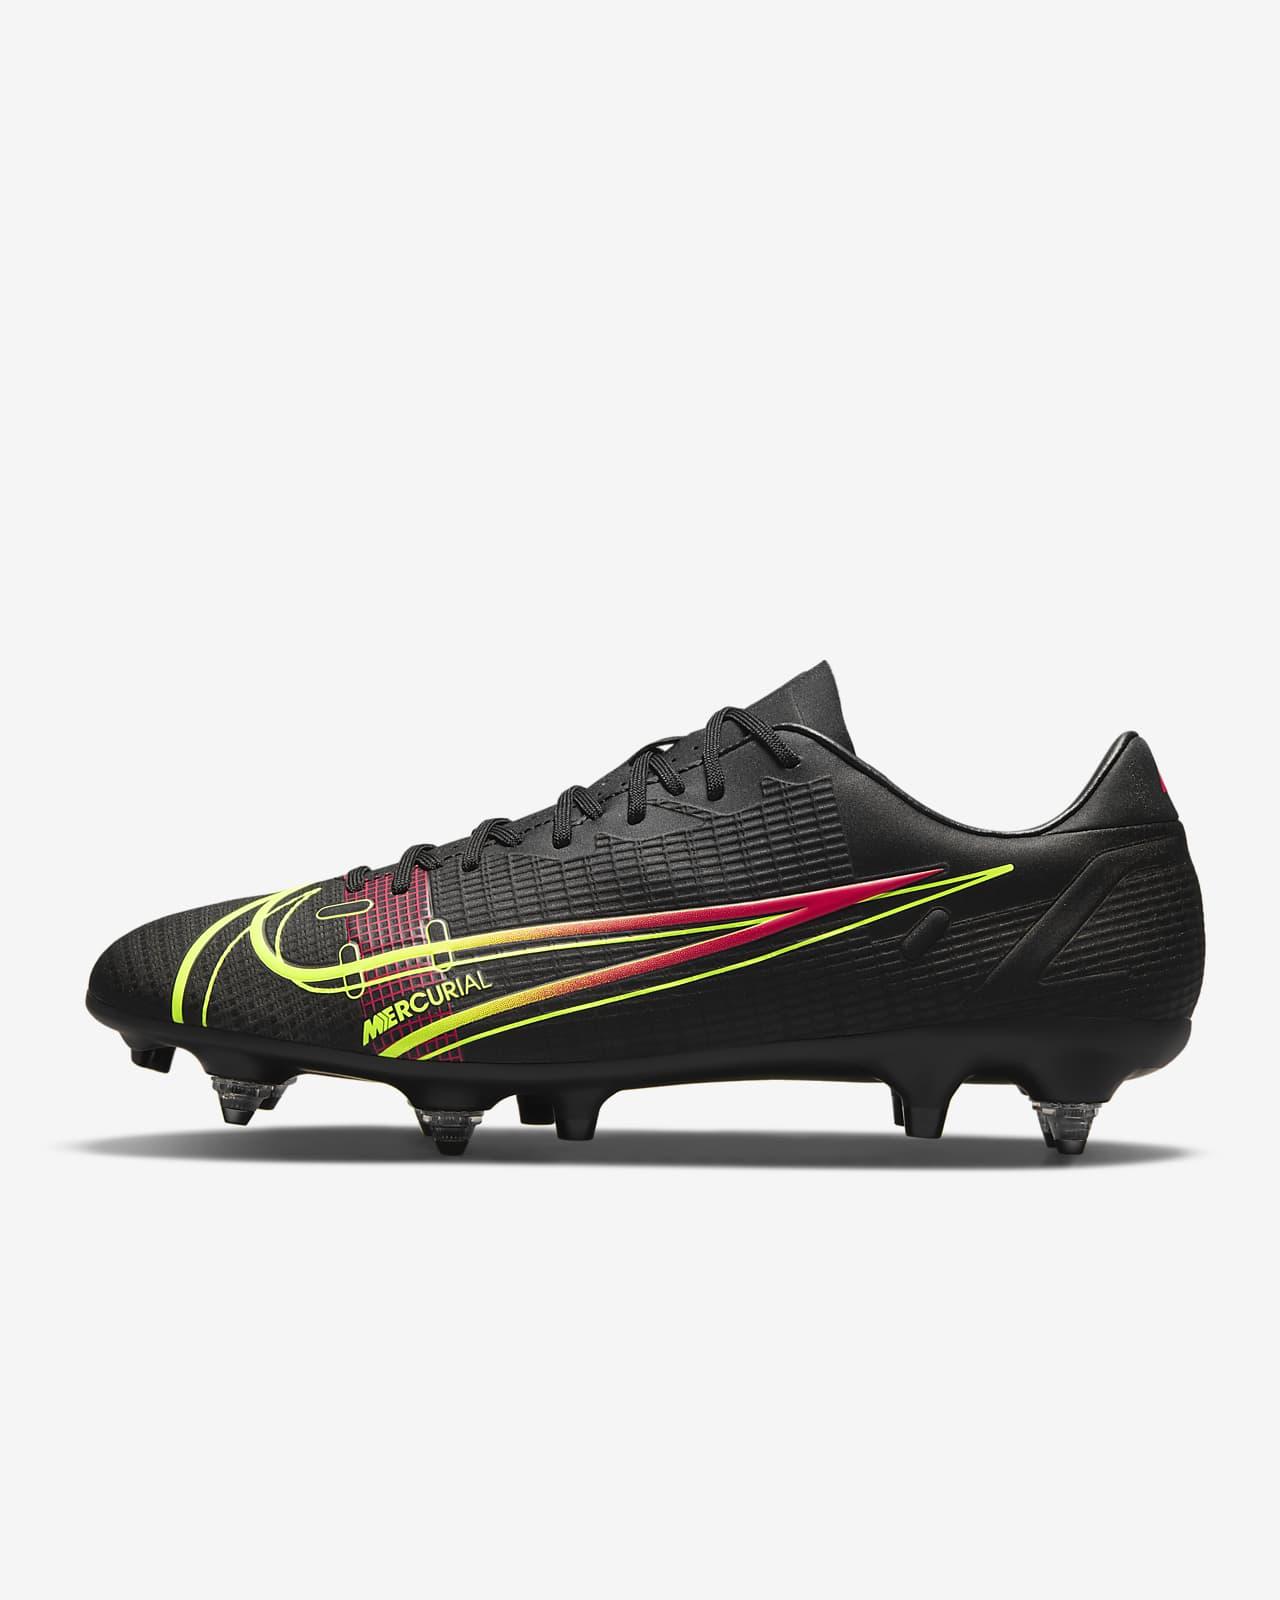 Nike Mercurial Vapor 14 Academy SG-Pro AC Fußballschuh für weichen Rasen